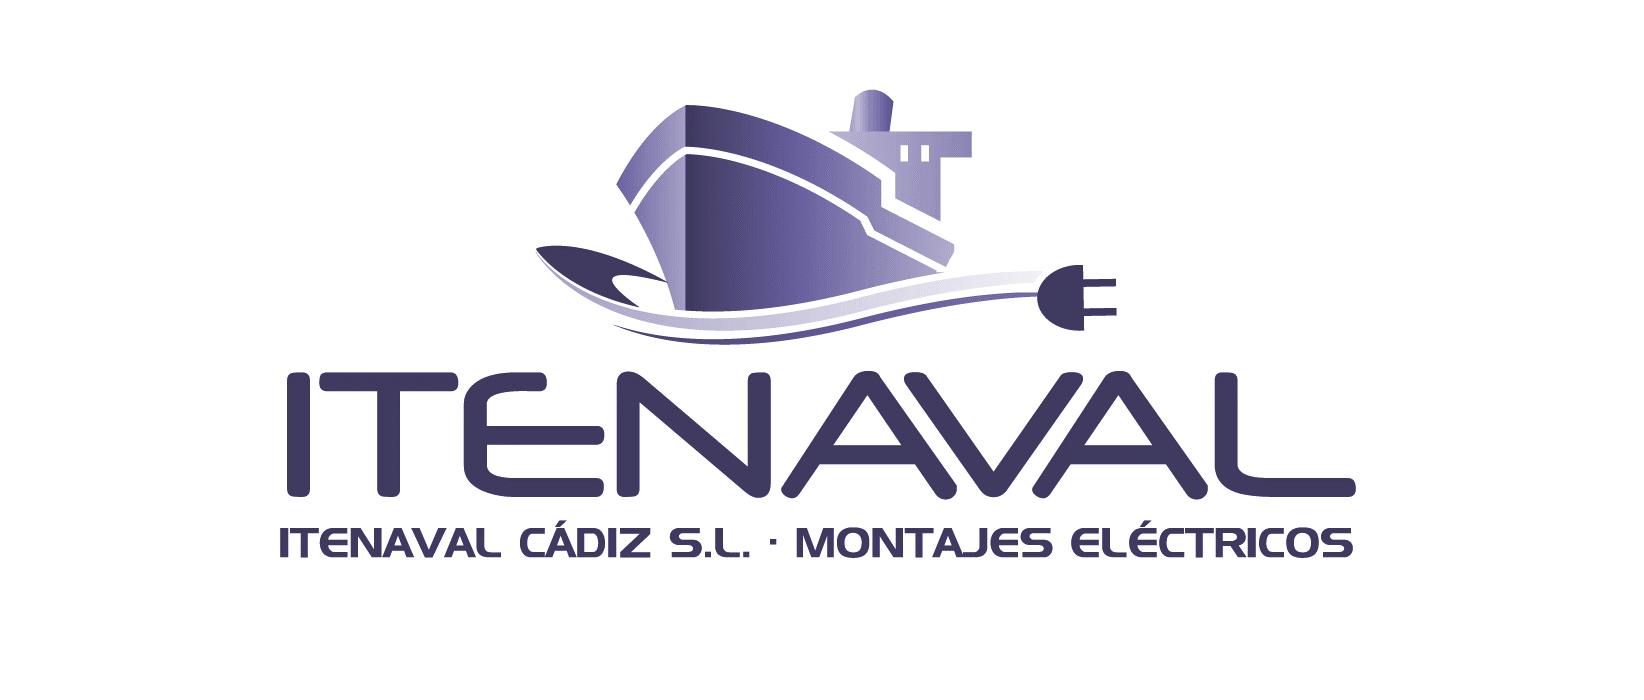 Itenaval